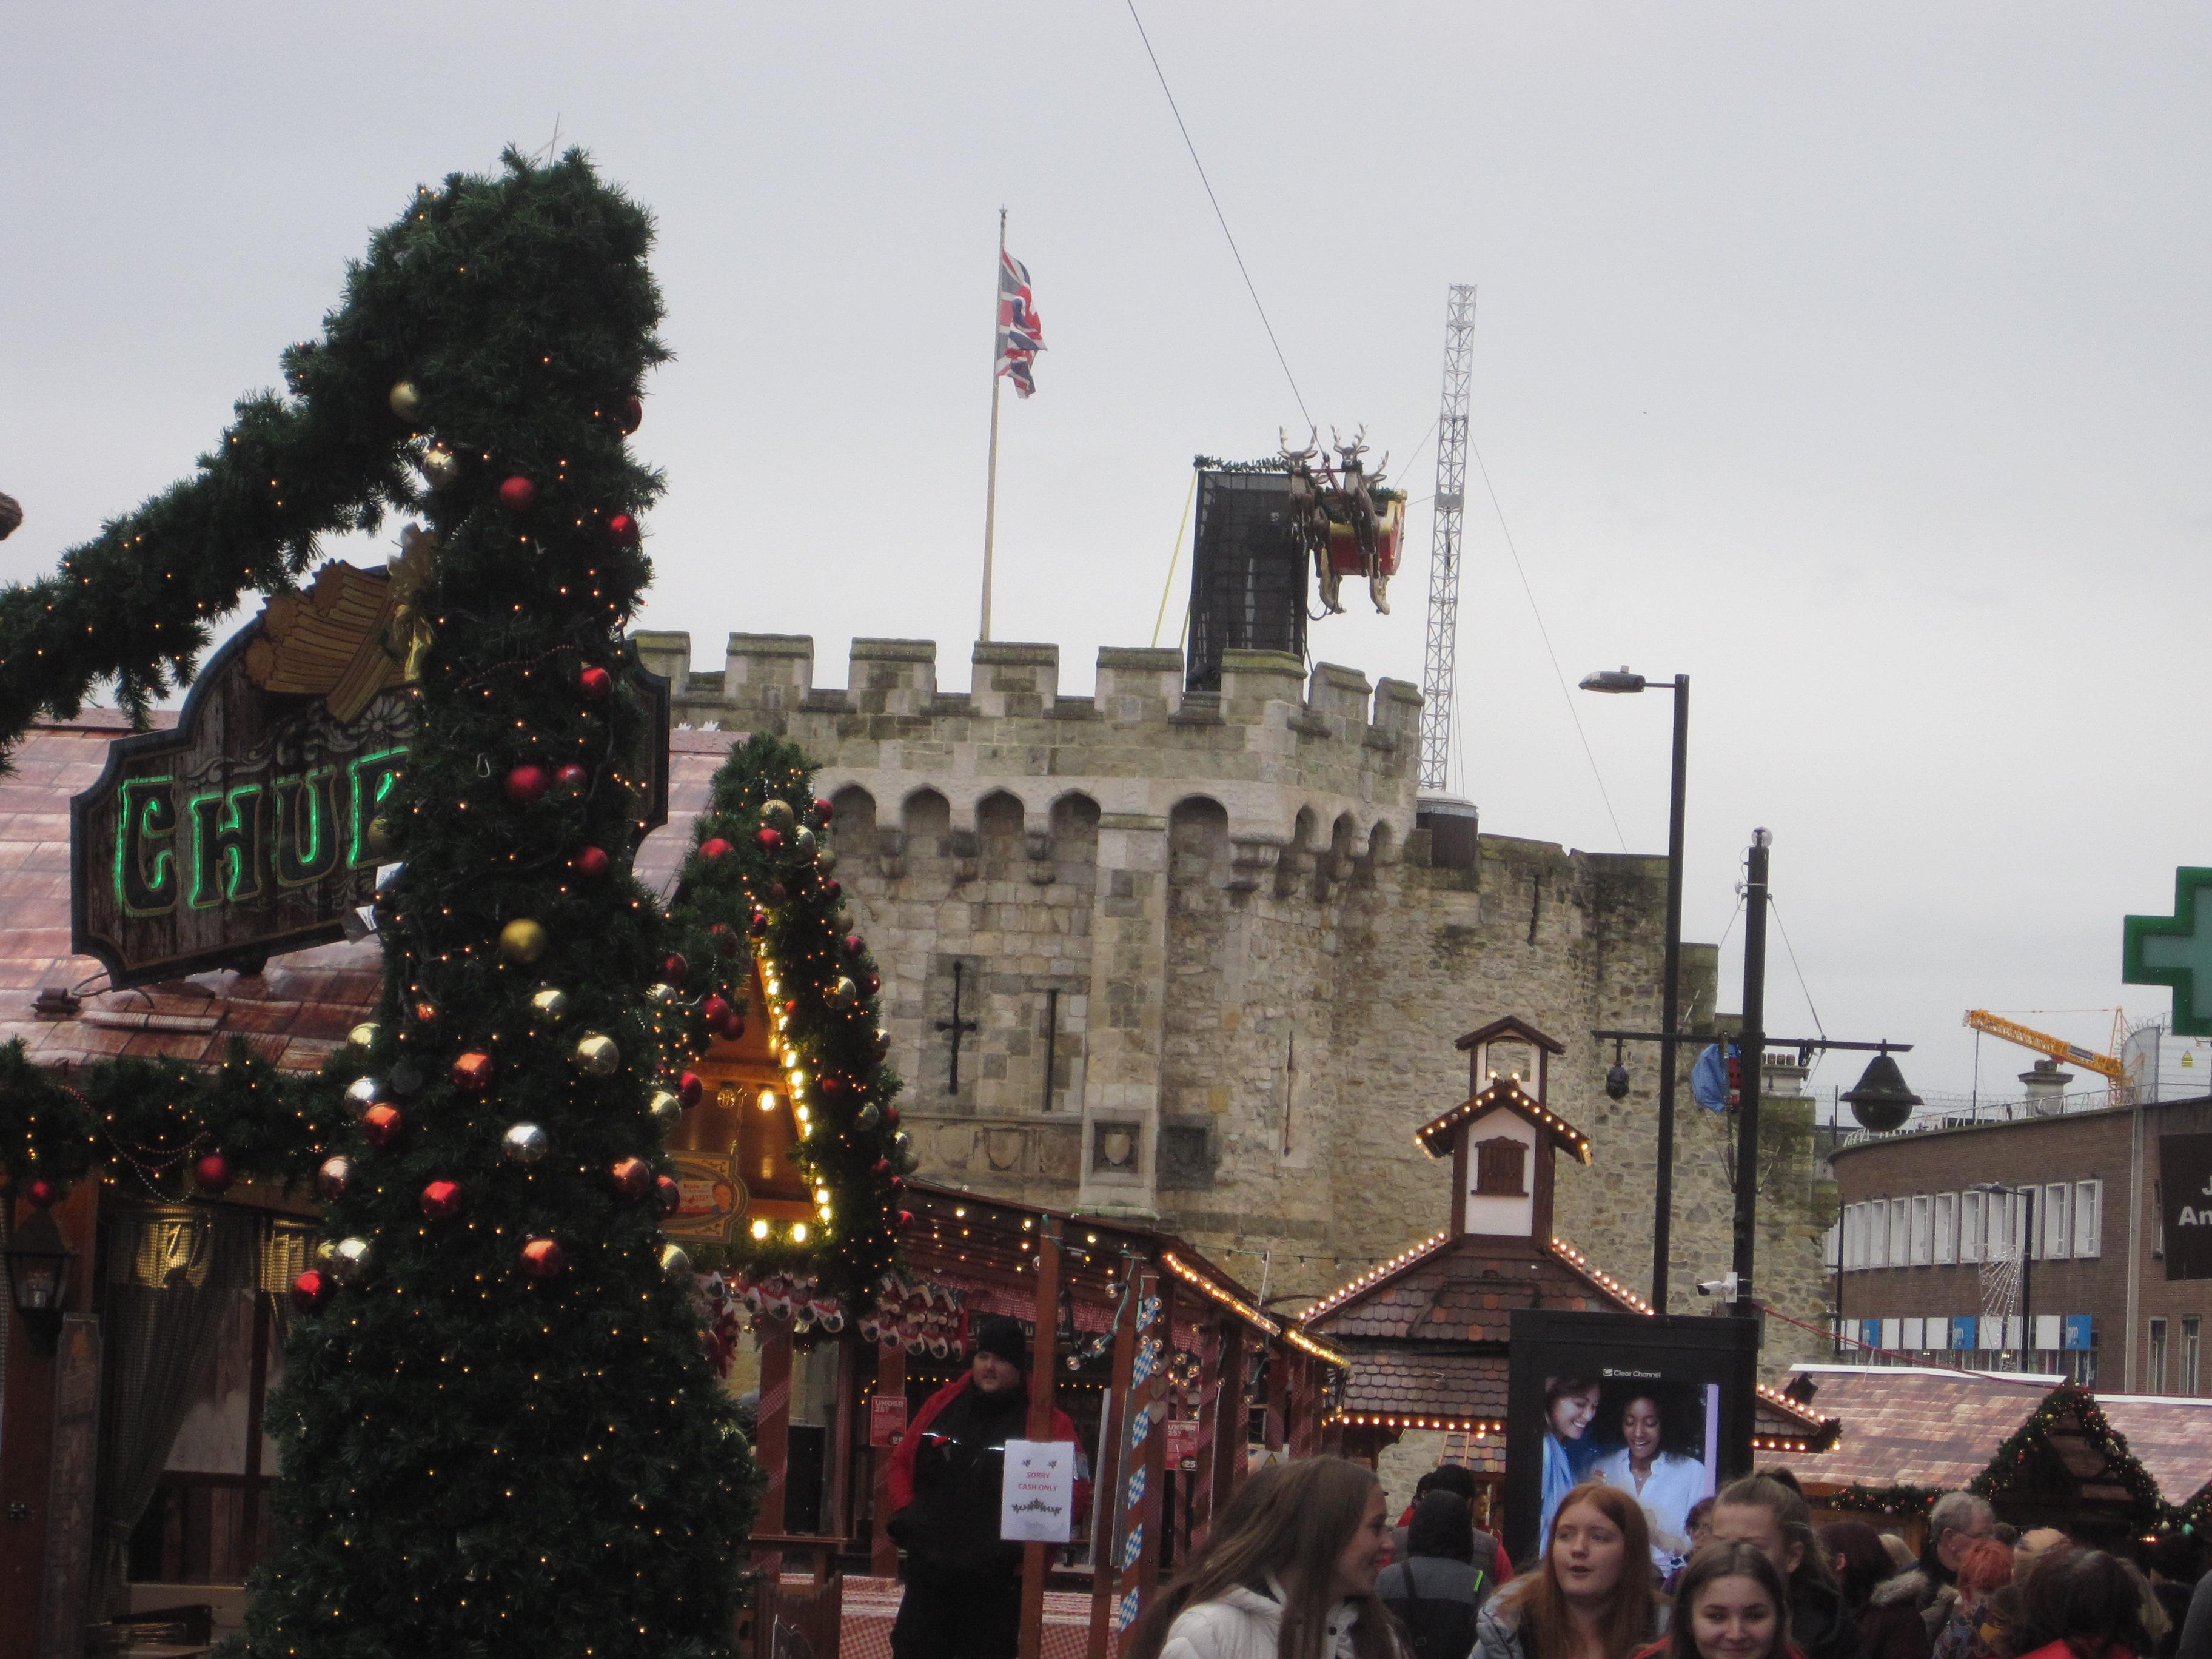 Southampton Christmas Market - photo by Juliamaud